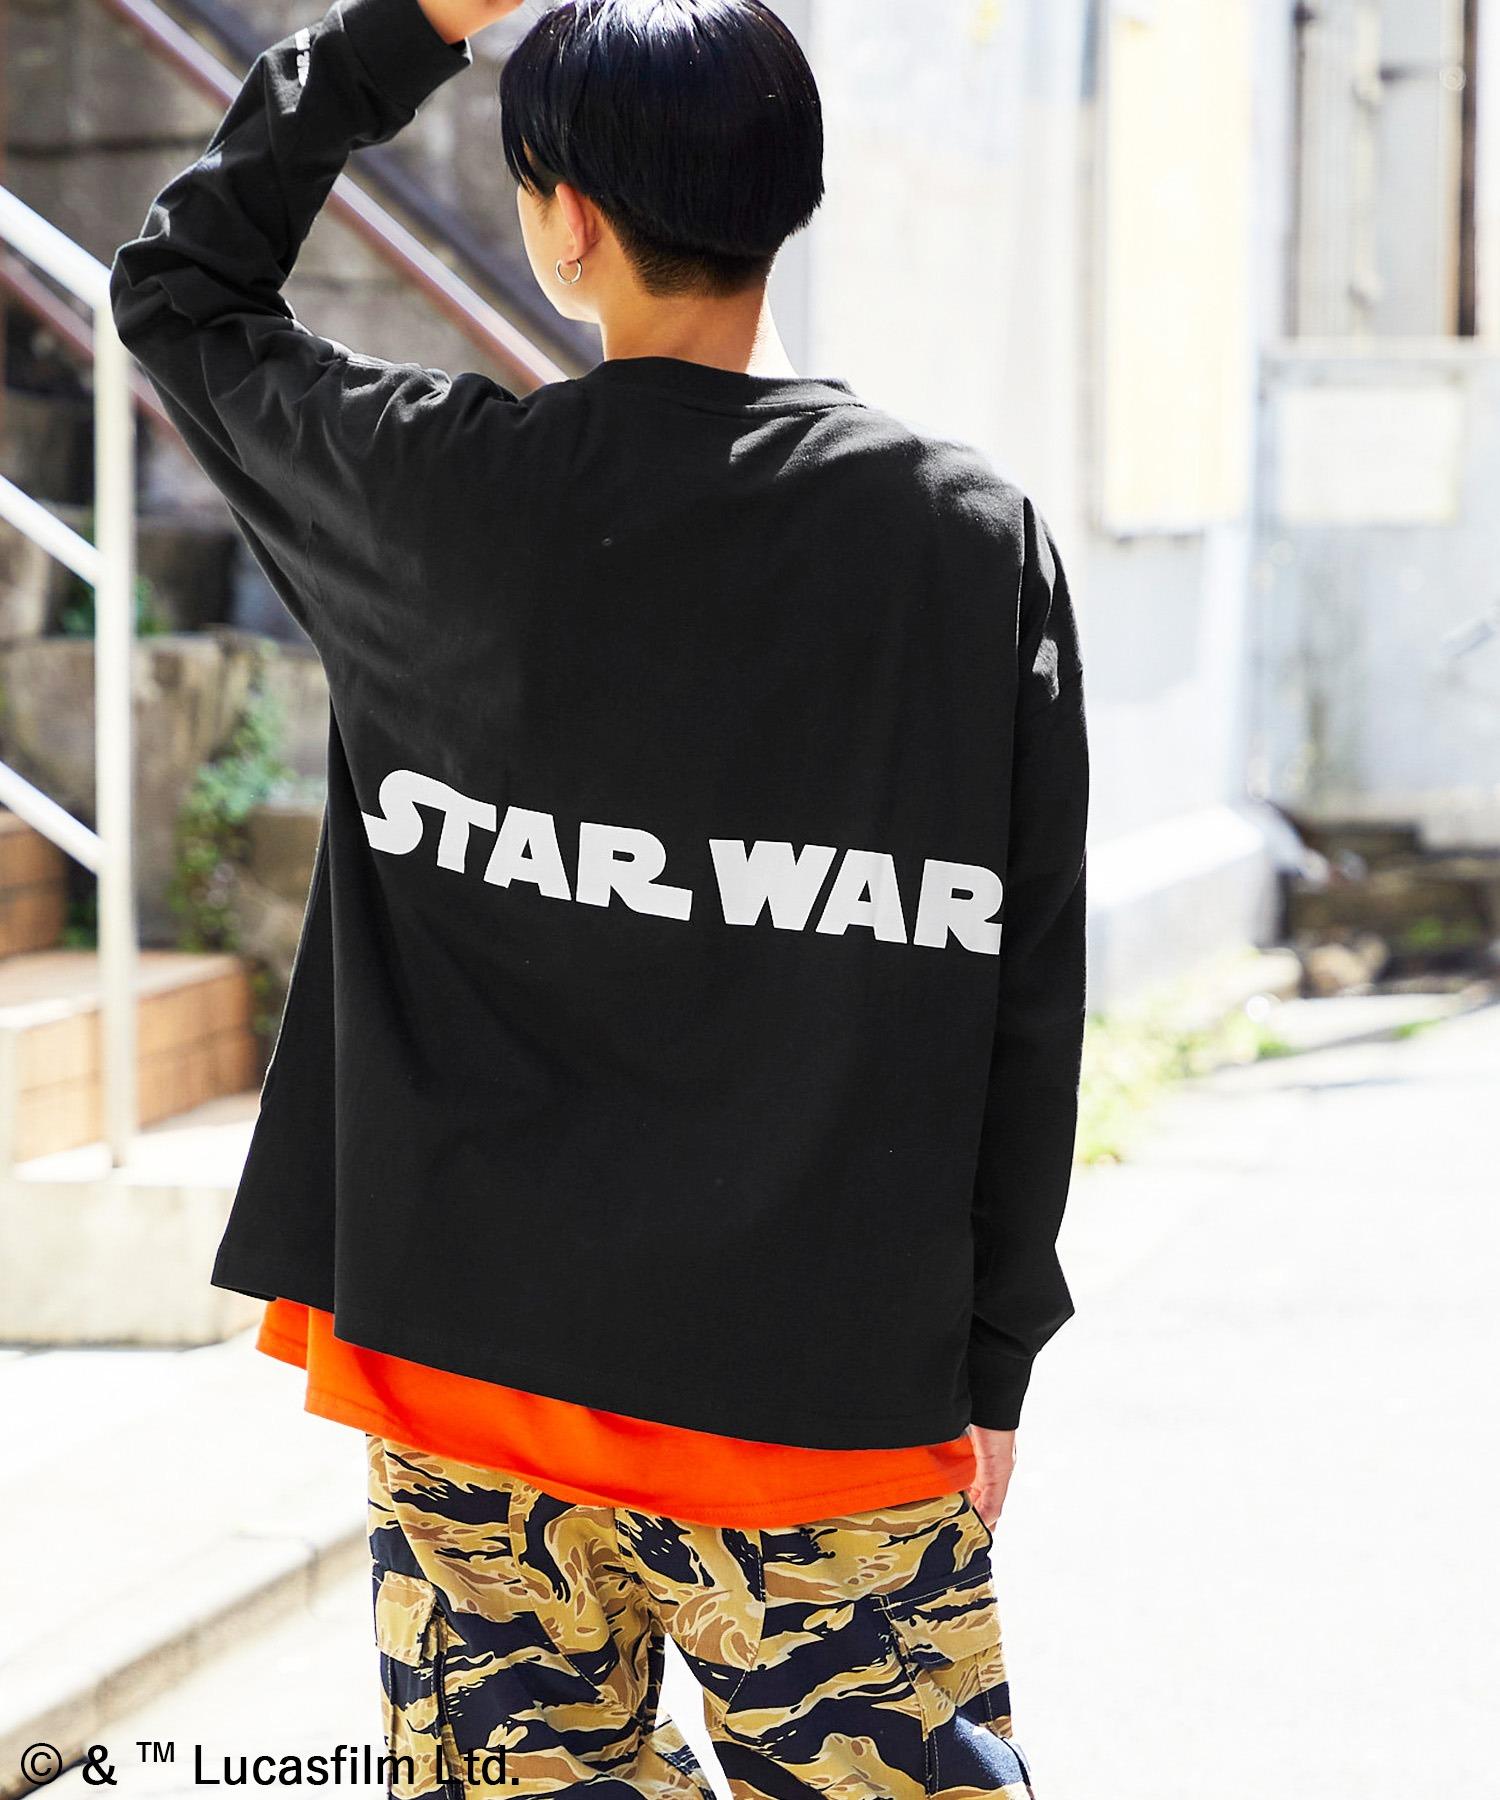 WEB限定 STAR WARS/スター・ウォーズ 別注 バッグロゴプリント ビッグシルエット L/S カットソー